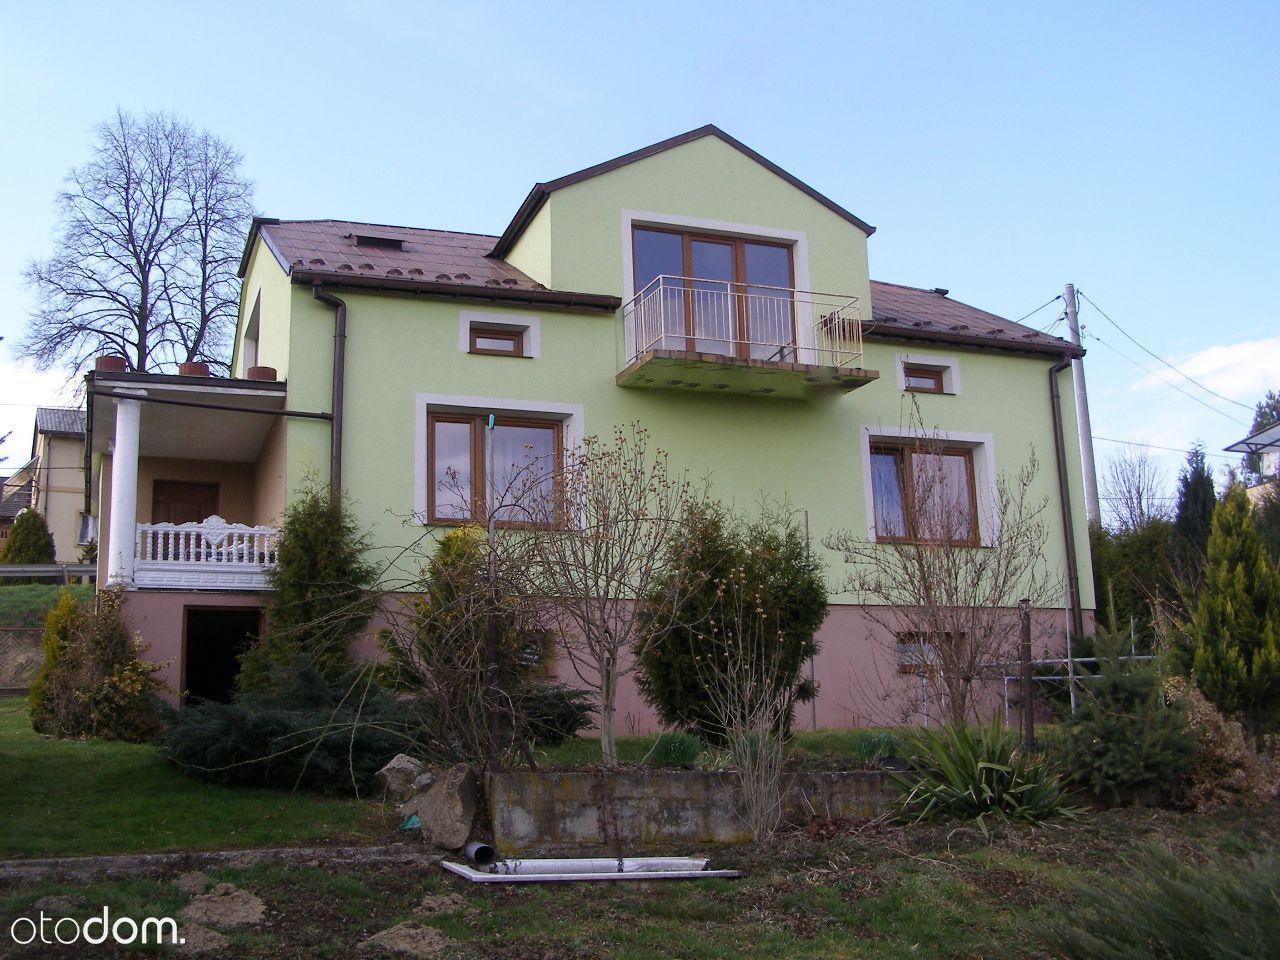 Dom na sprzedaż, Siepietnica, jasielski, podkarpackie - Foto 2